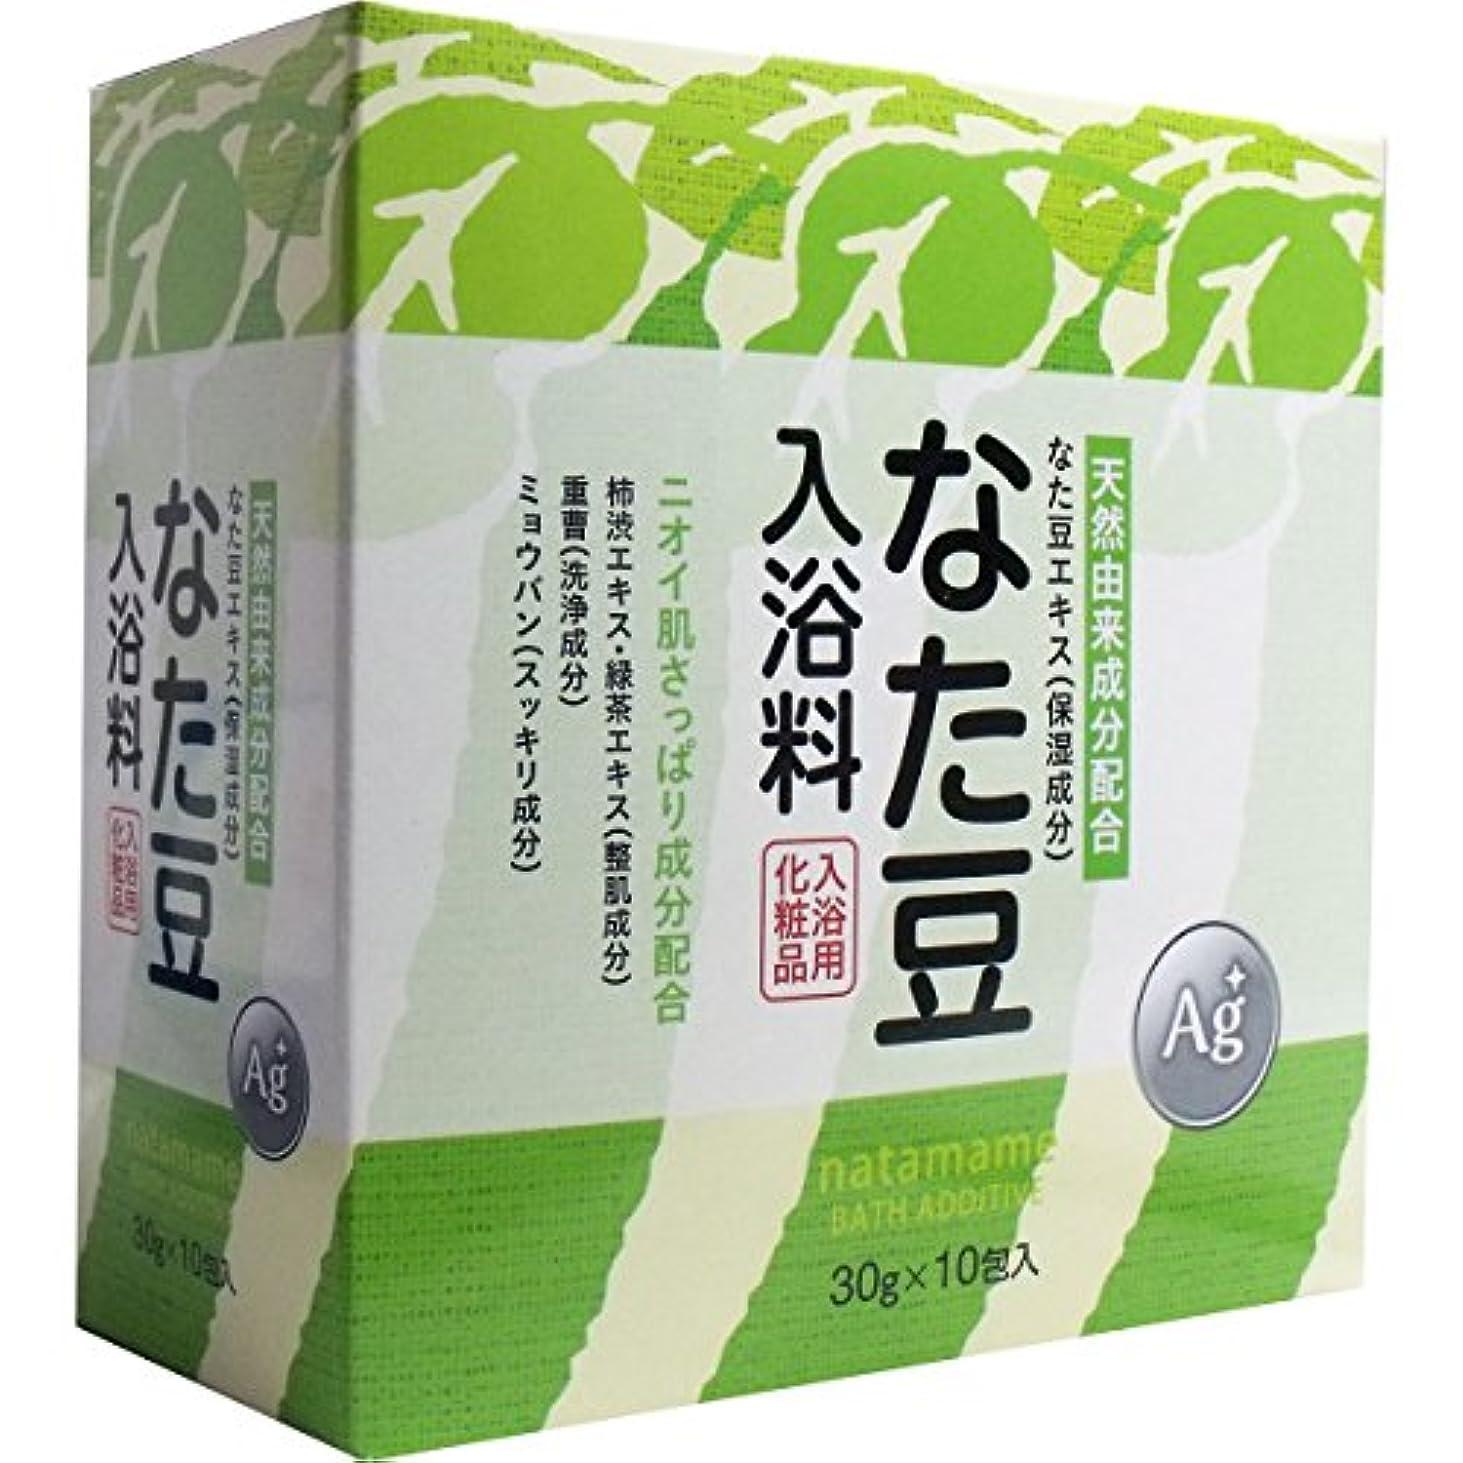 ノミネート腰精神的になた豆入浴料 入浴用化粧品 30g×10包入×3